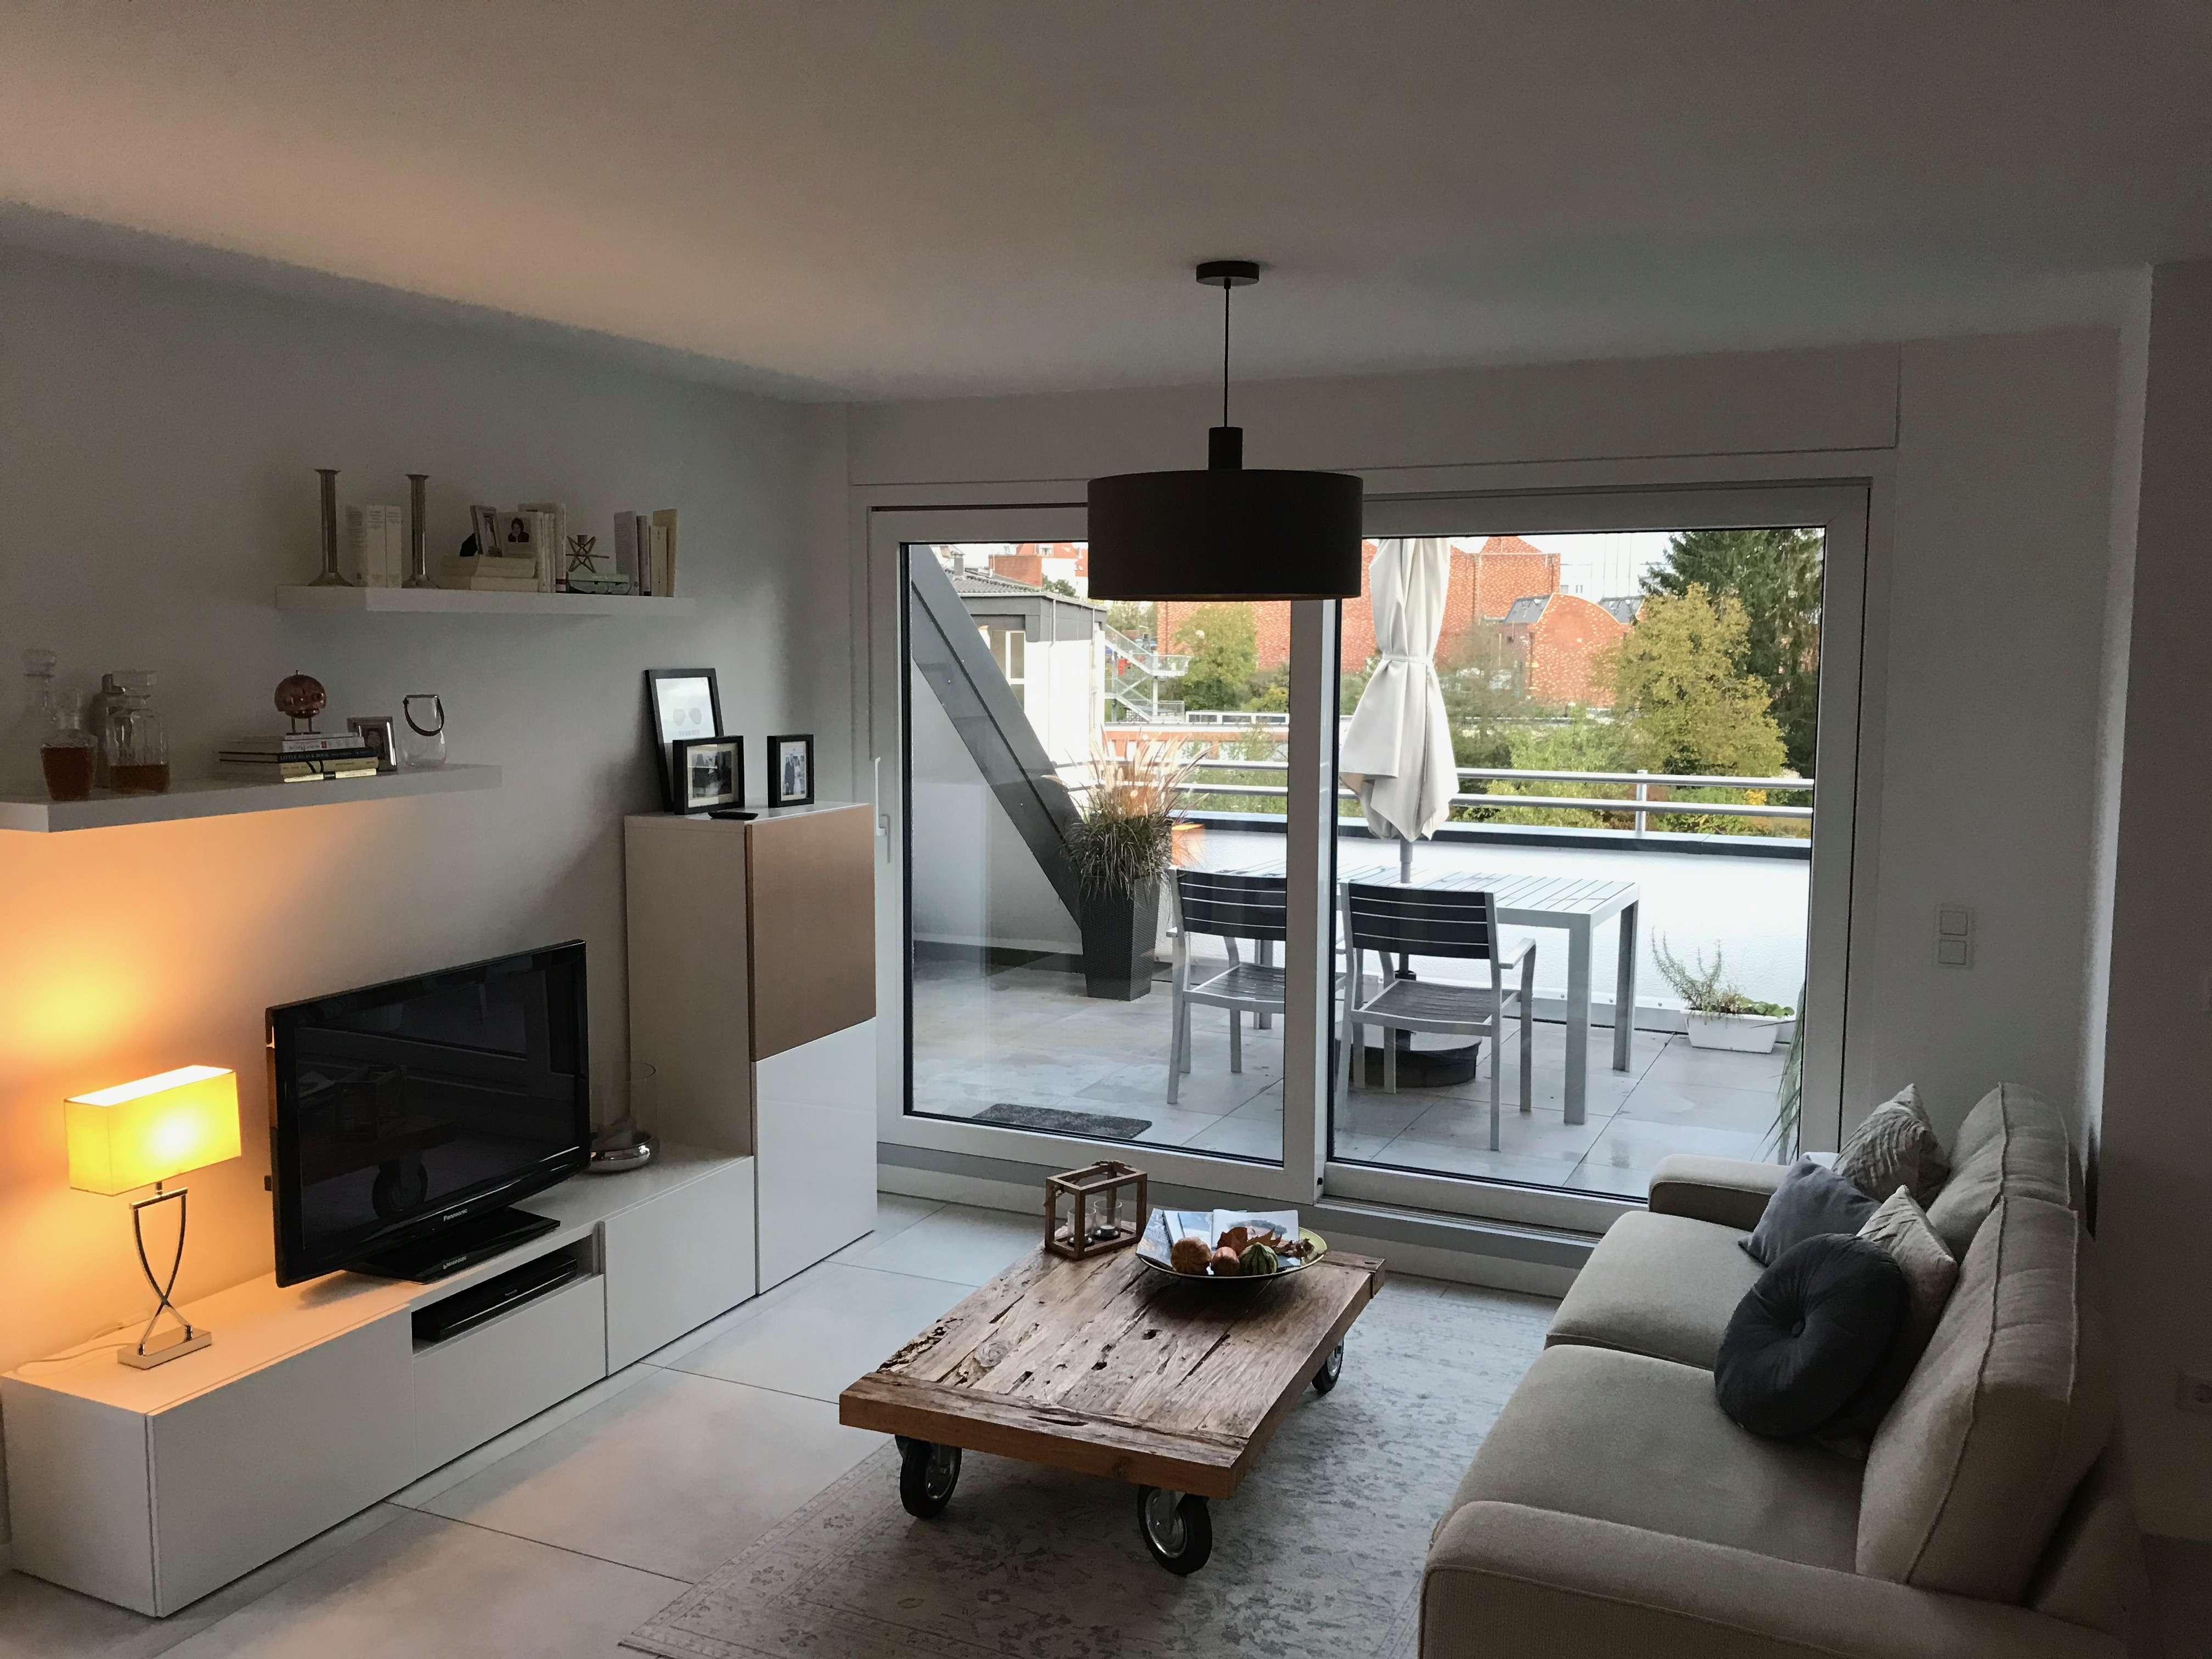 Ansprechende 4-Zimmer-Maisonette-Wohnung mit Logia und vier Balkonen in Aschaffenburg in Obernauer Kolonie (Aschaffenburg)